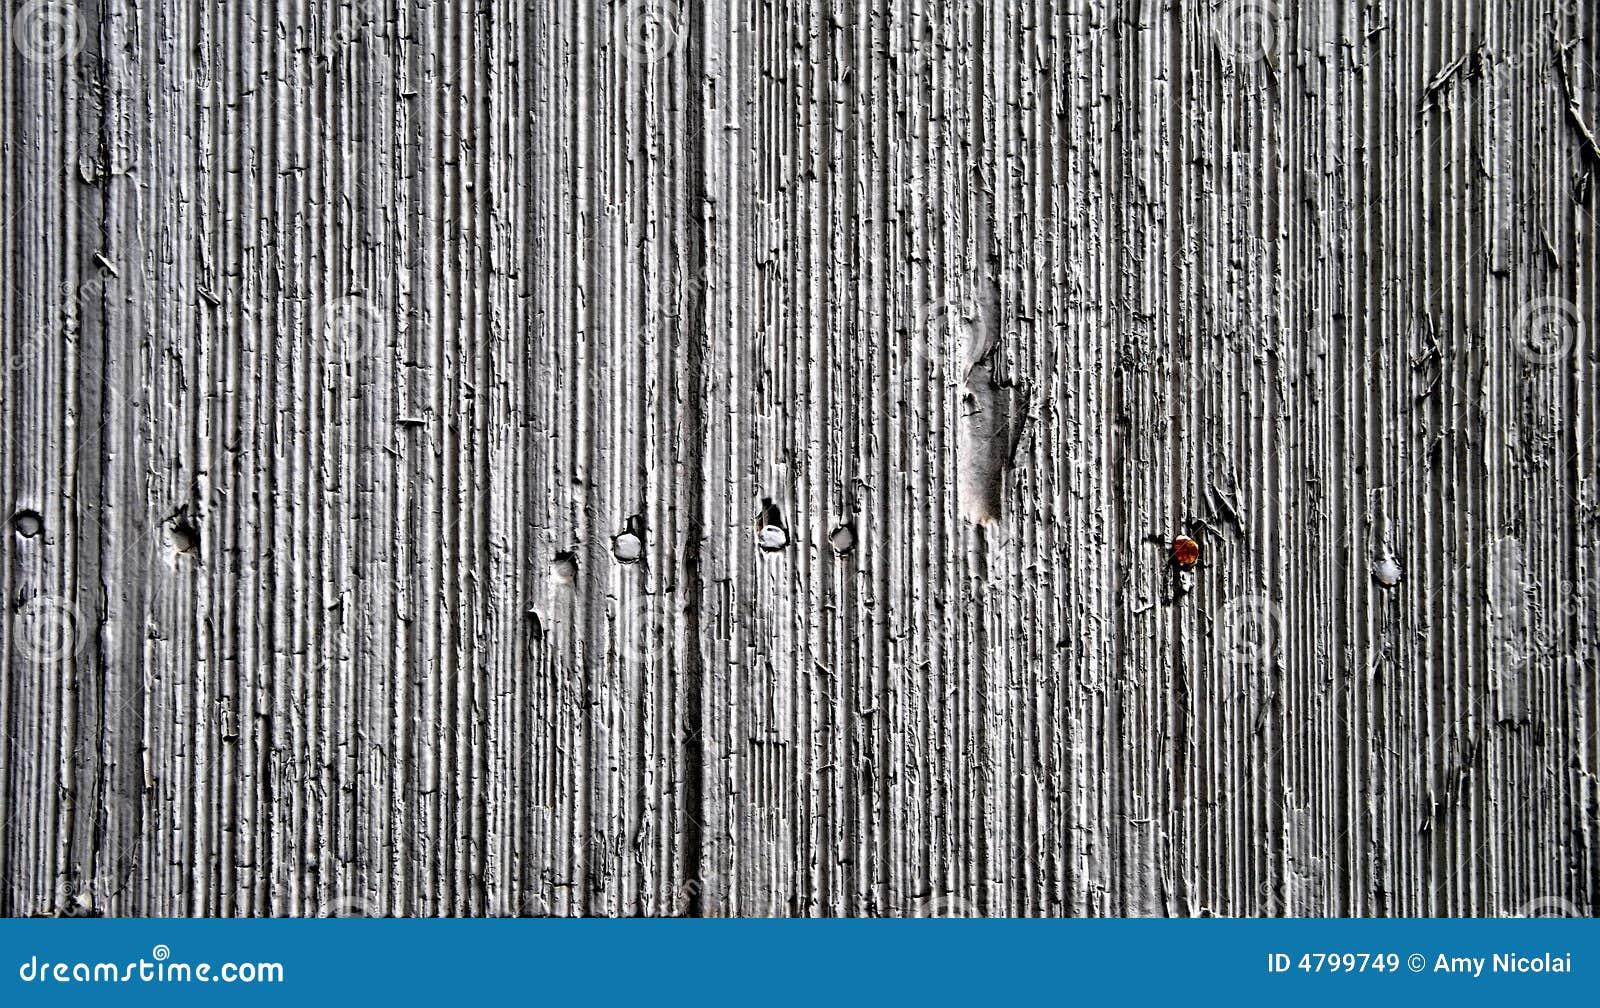 Asbestos shingle